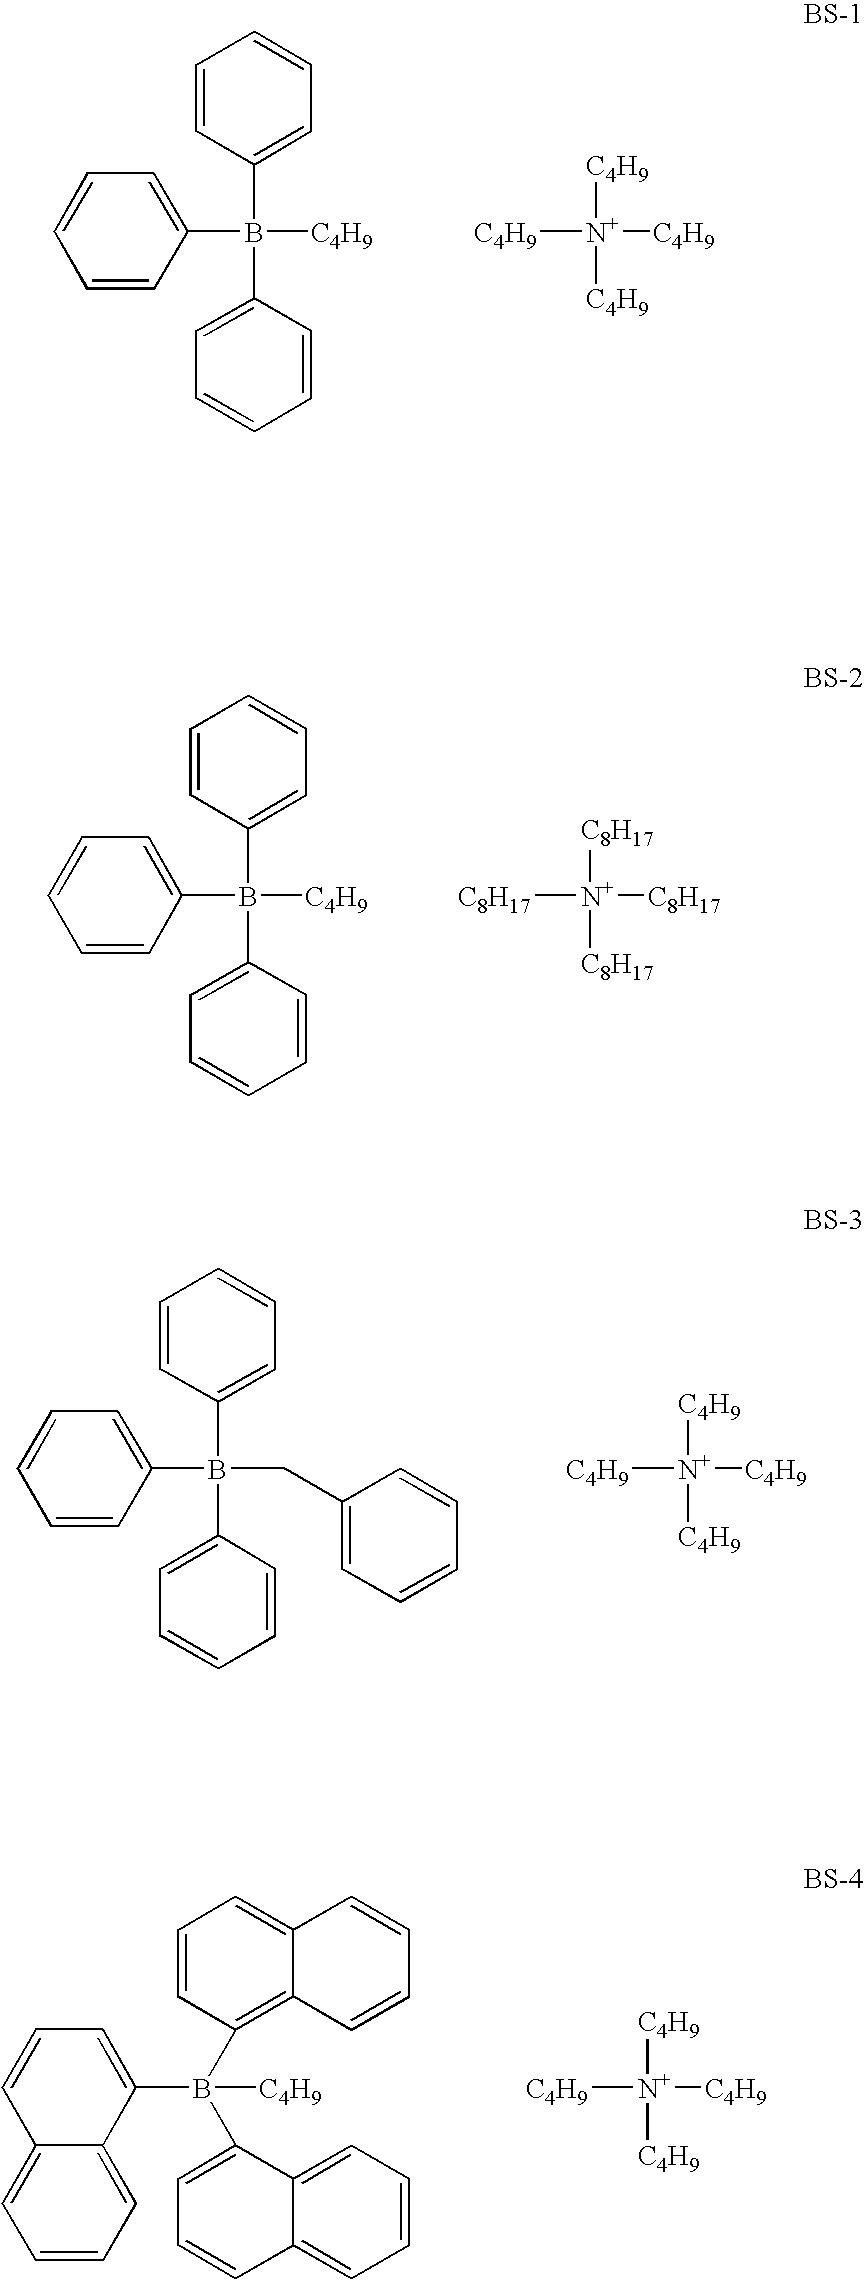 Figure US20050084789A1-20050421-C00009